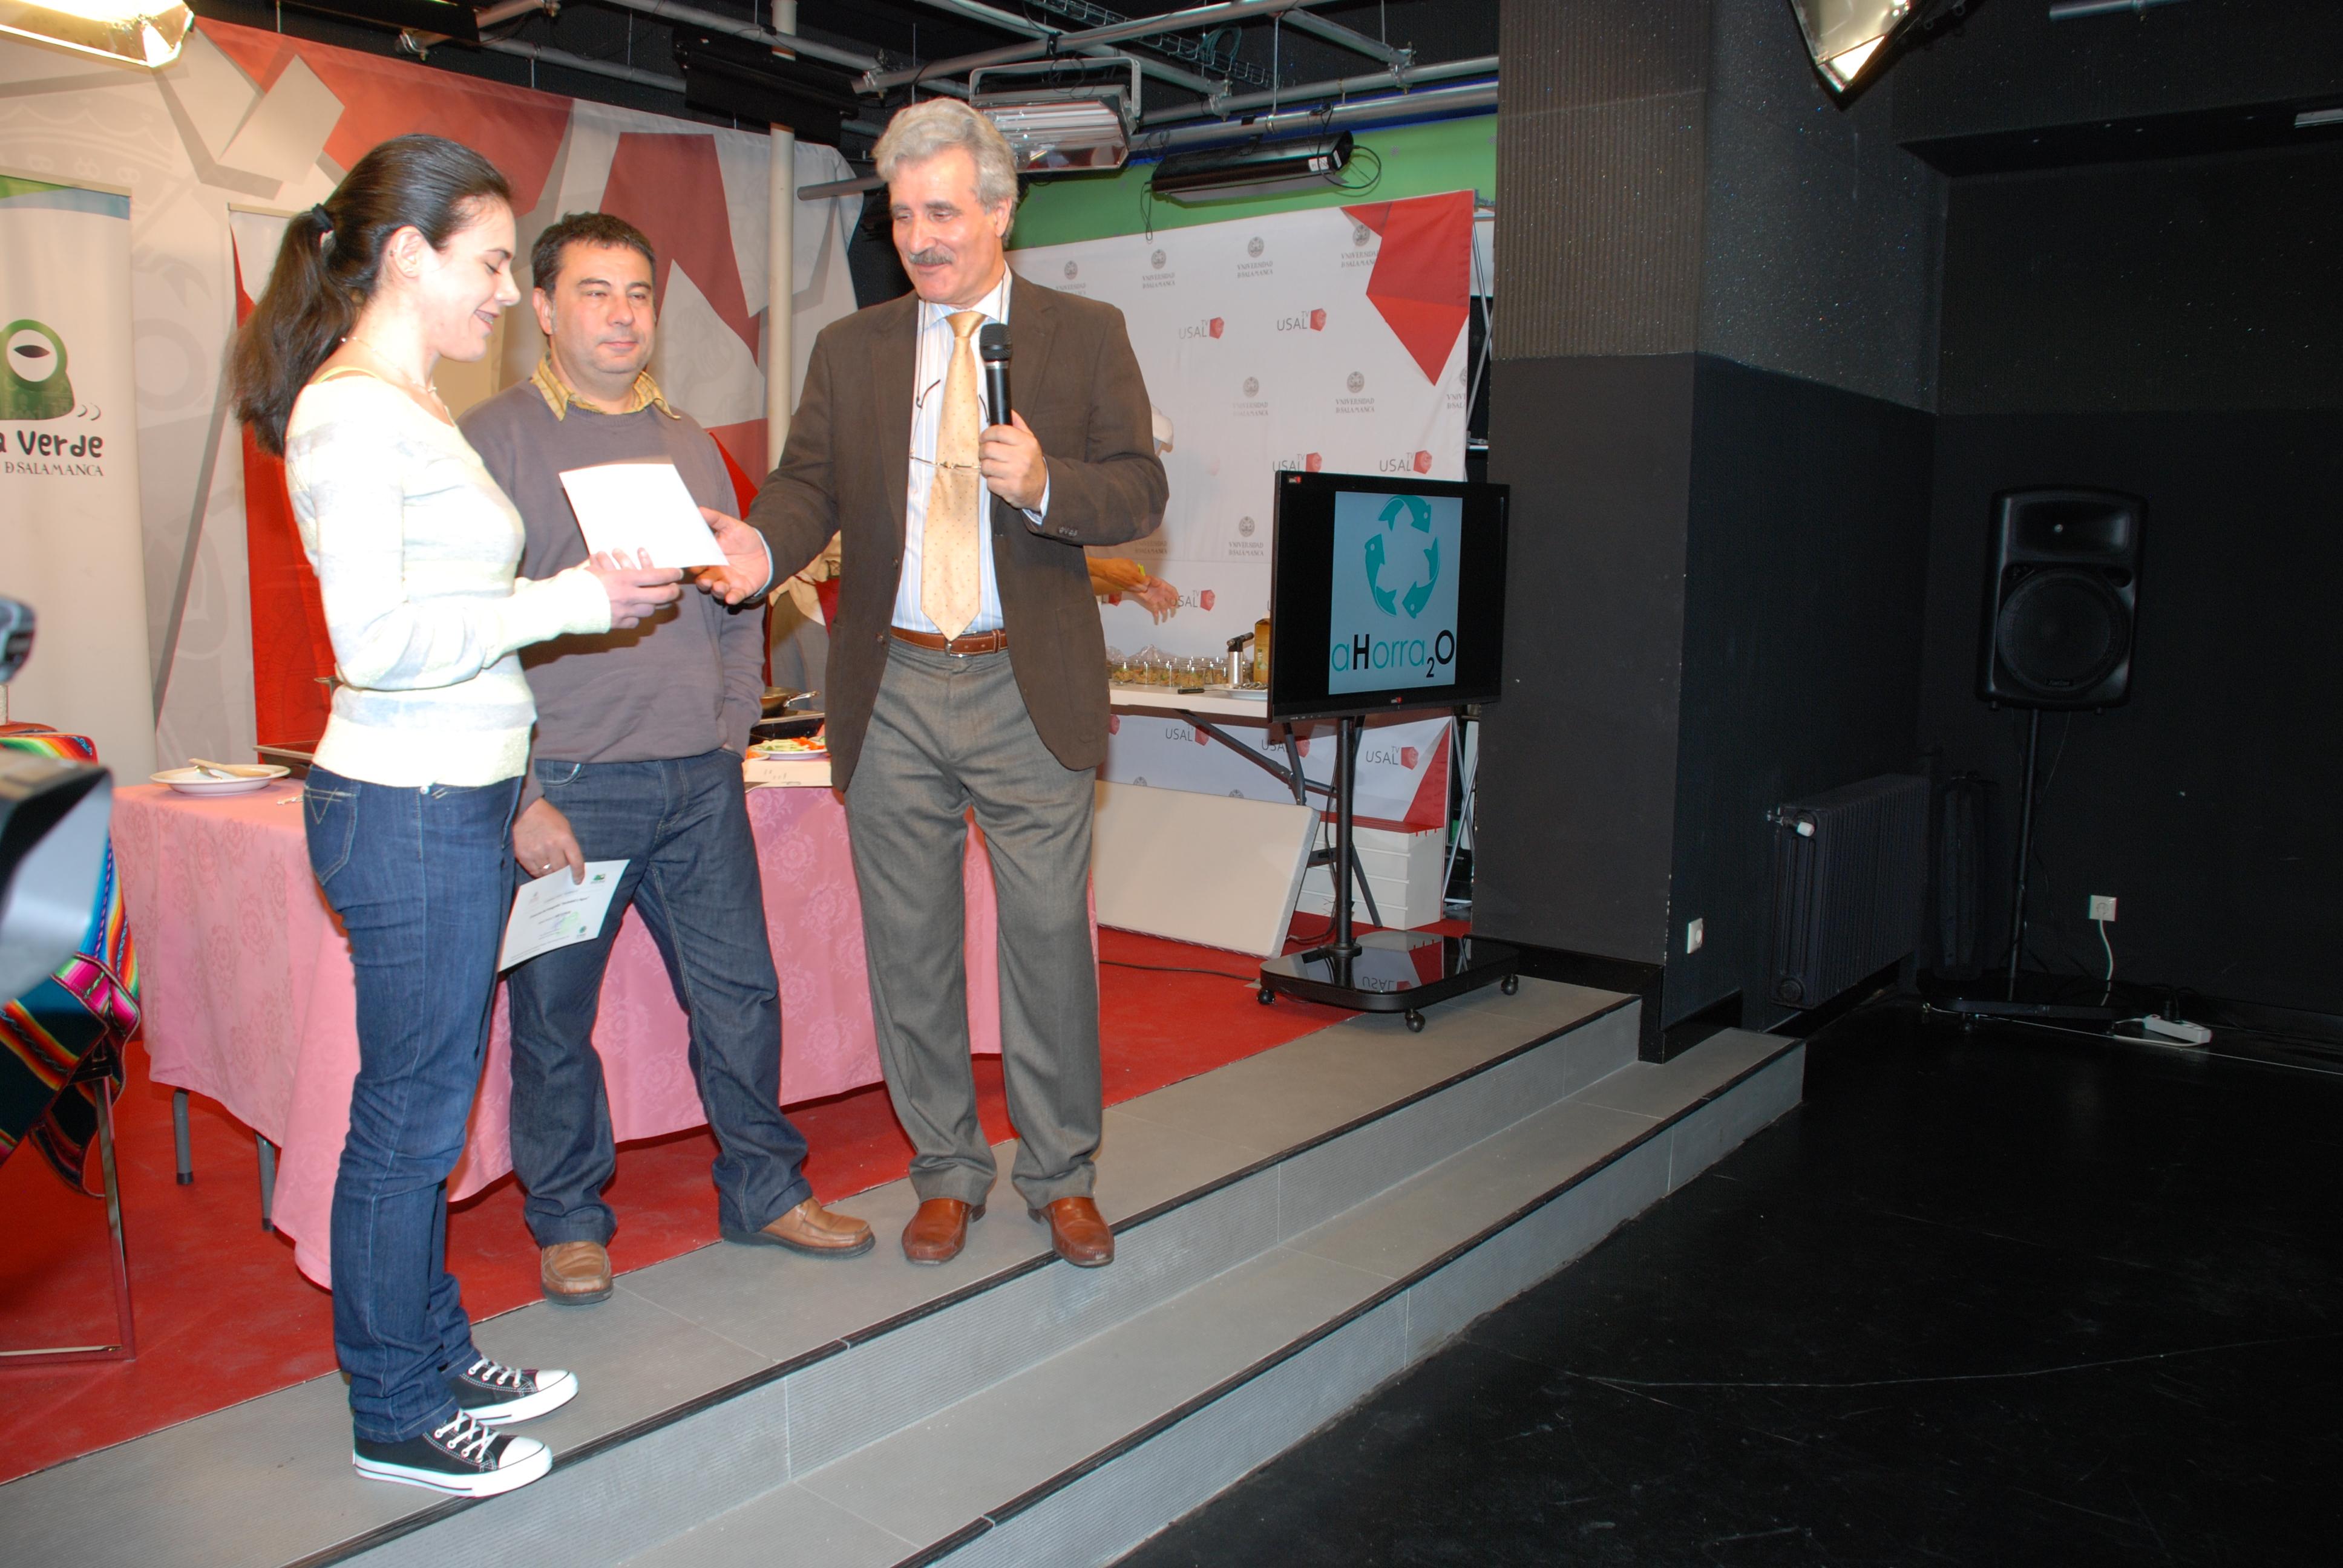 La Oficina Verde entrega los premios 'Sociedad y Agua' de fotografía y 'Ahorro de Agua' de eslogan y logotipo